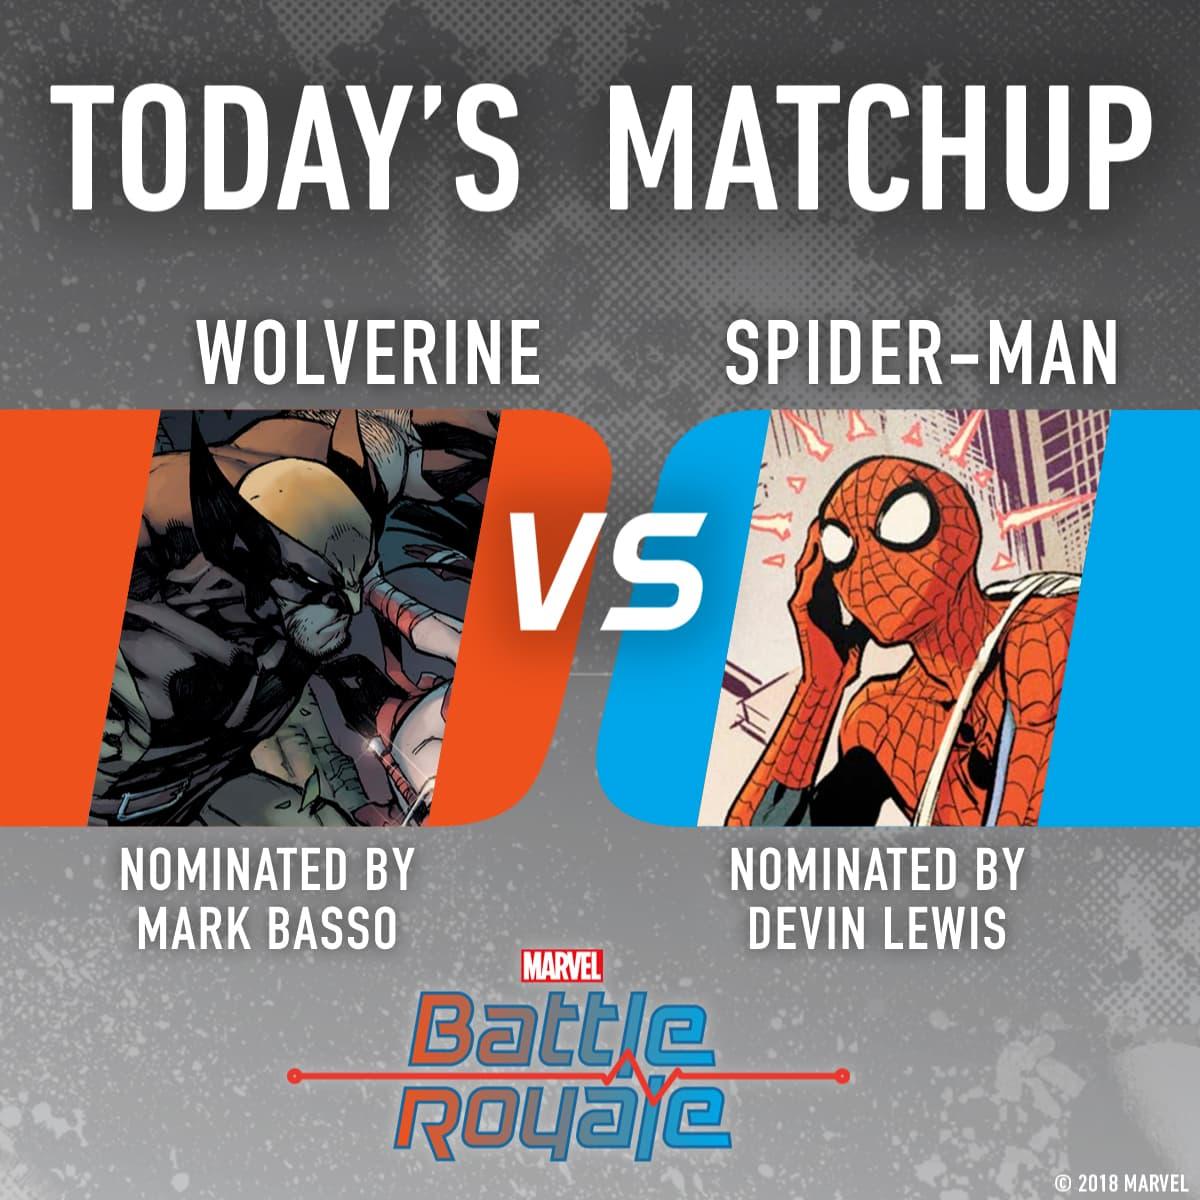 Wolverine vs. Spider-Man